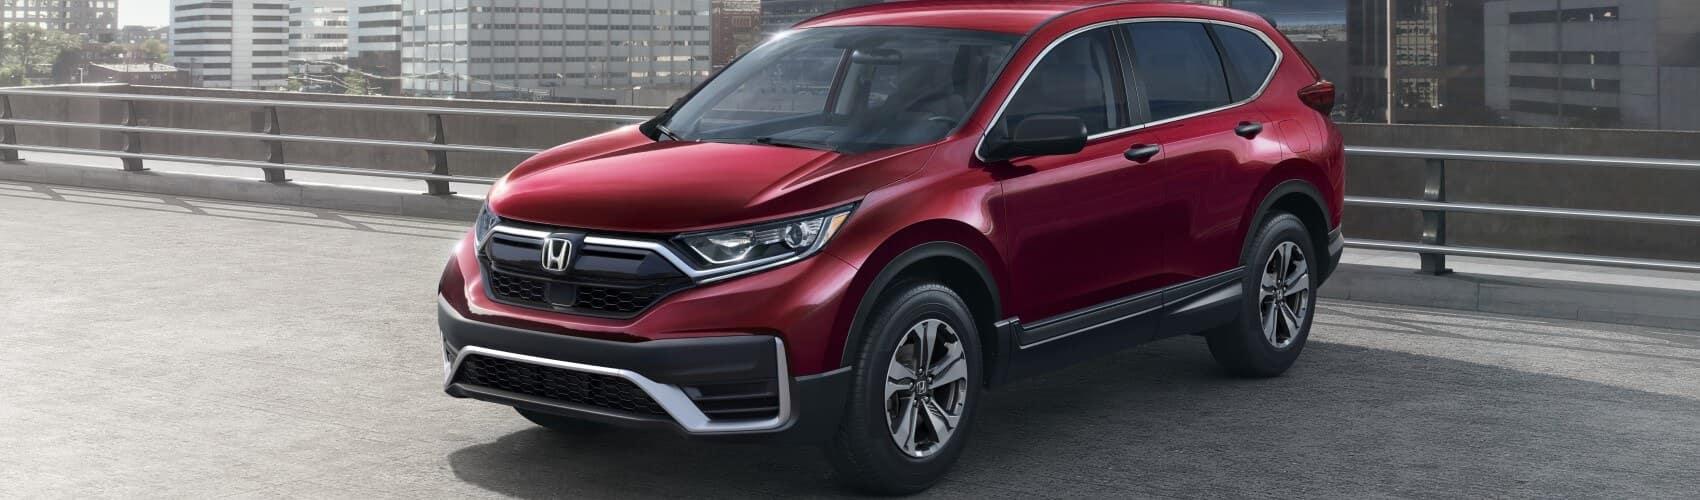 Honda CR-V Financing